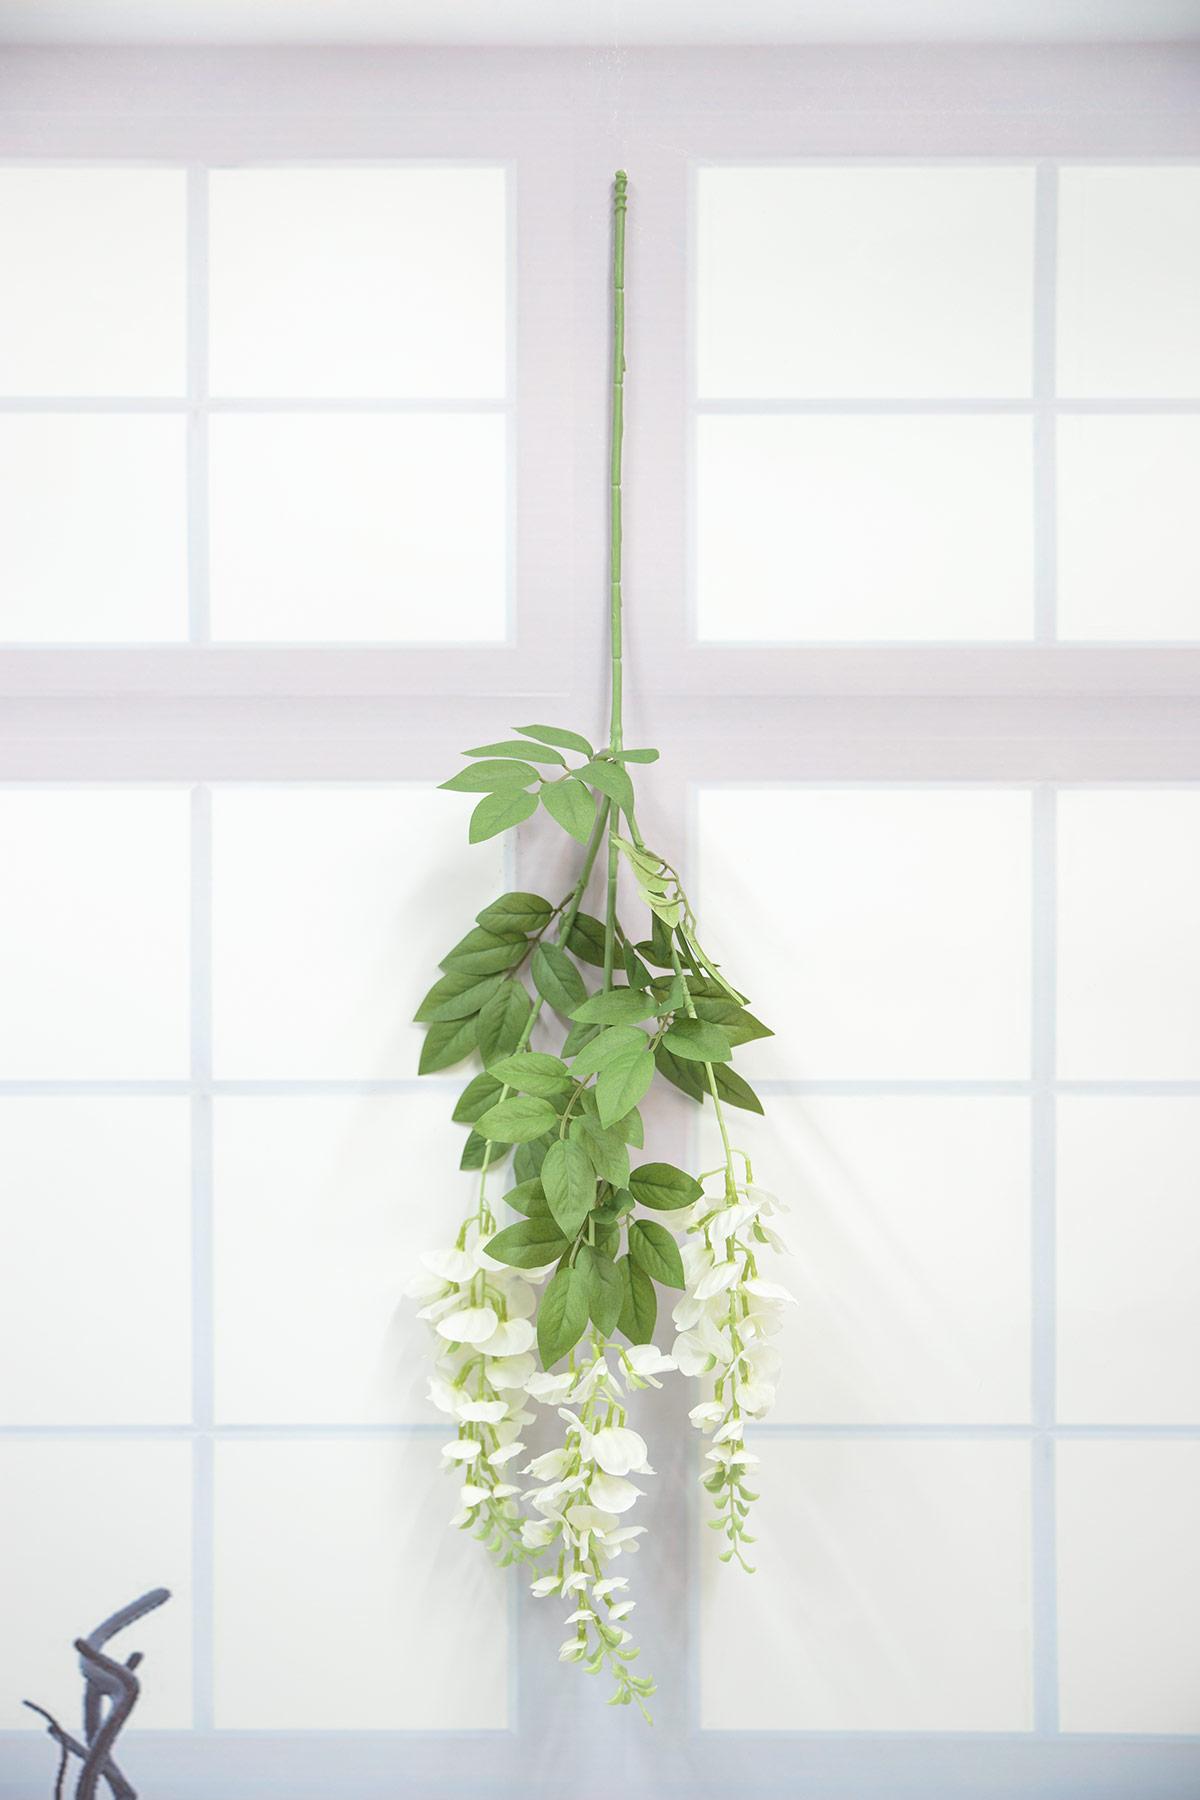 라일락 등꽃가지 거꾸로 벽에 걸어놓은 사진